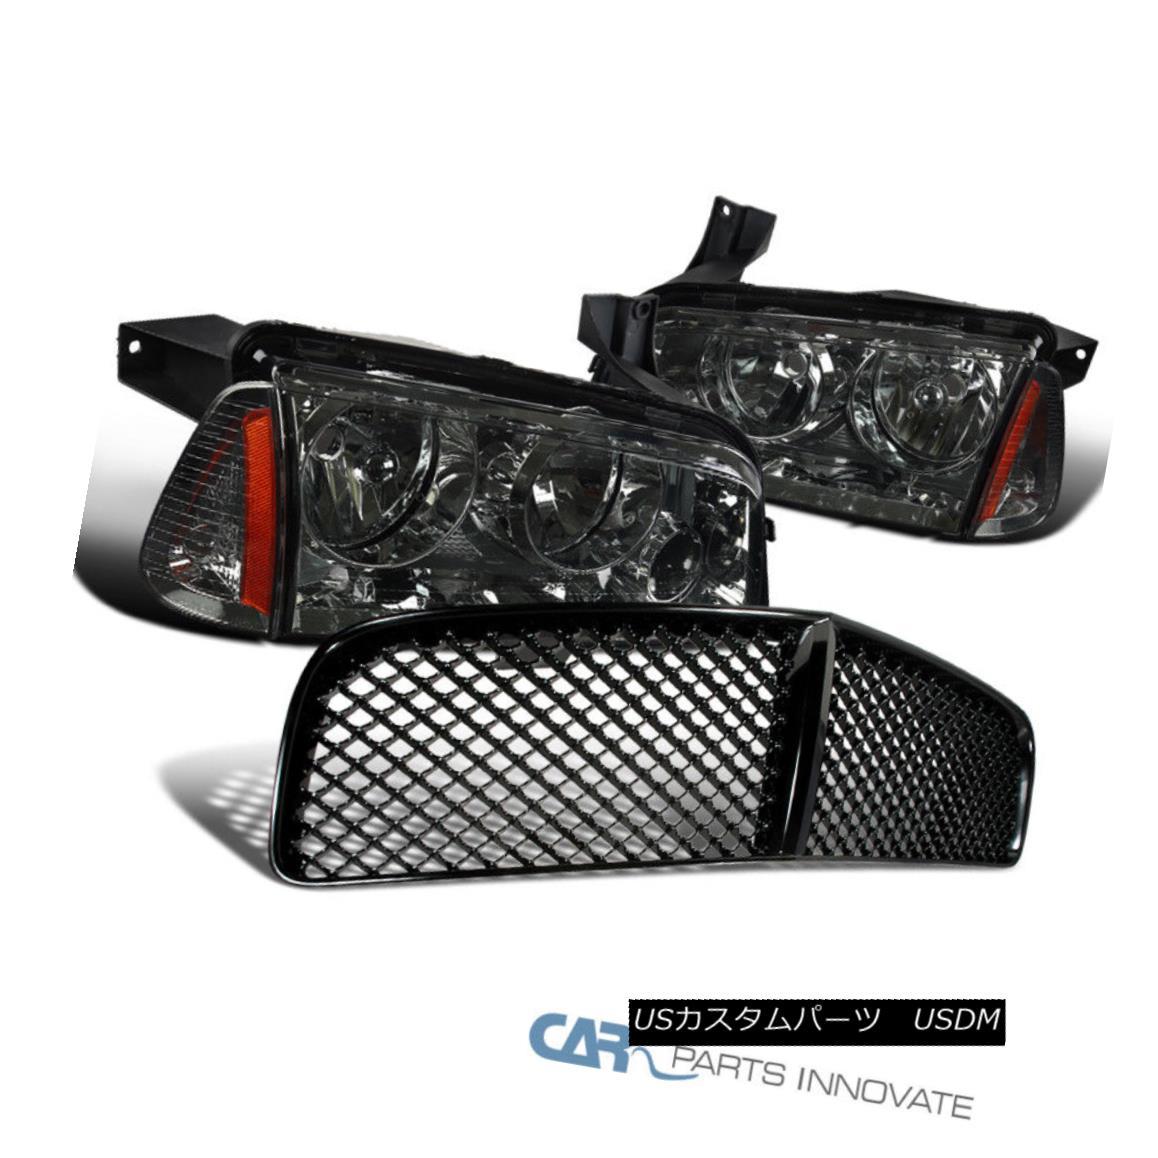 グリル Dodge 06-10 Charger Replacement Smoke Headlights+Corner+Mesh Front Hood Grille ドッジ06-10充電器の交換用スモークヘッドライト+ Cor ner +メッシュフロントフードグリル